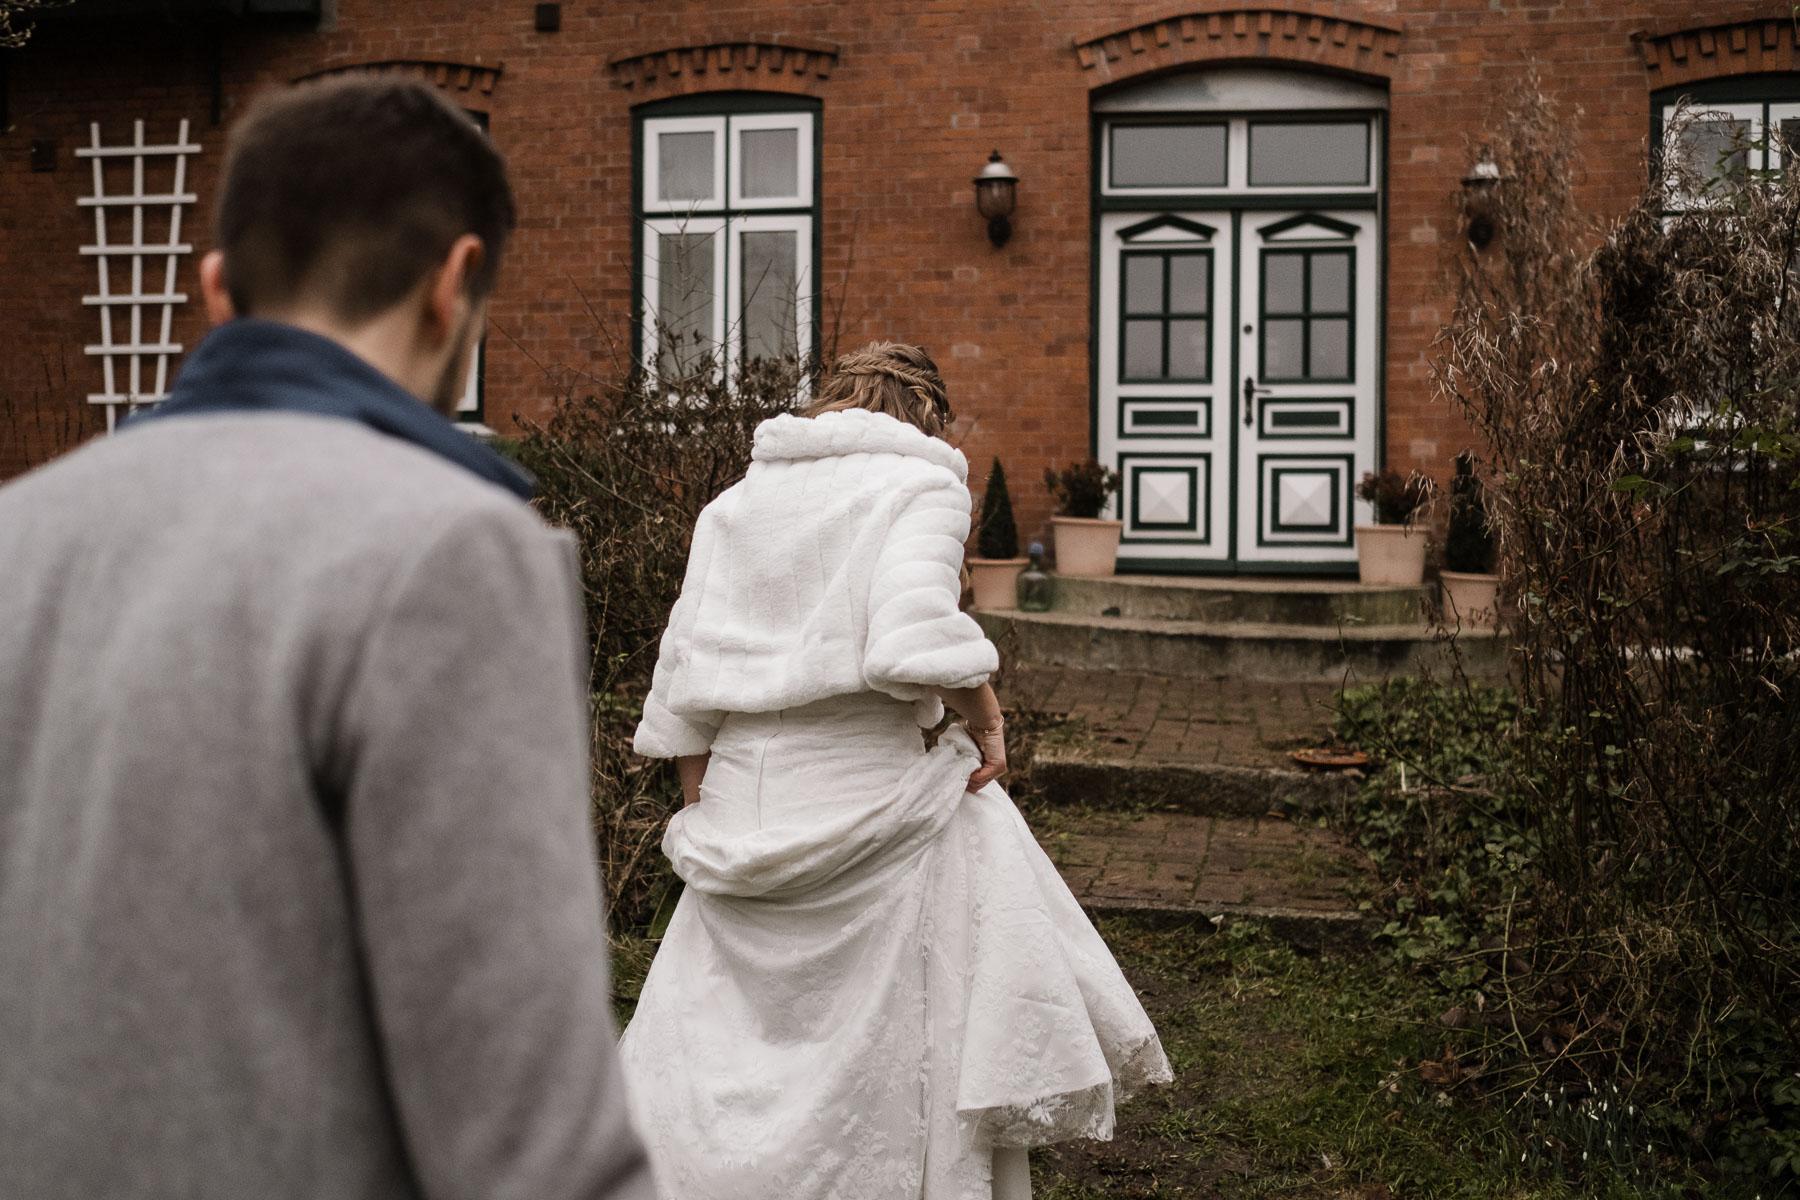 das Brautpaar geht in die Richtung eines Landhaus mit altn Holzfenstern und Holztüren, die Frau trägt ein langes Brautkleid mit einem Pelzumhang, der Bräutigam trägt über seinen Anzug einen Wollmantel, die Braut hält ihr Brautkleid hoch, sie steht vor den Stufen des Hauses, der Bräutigam geht hinter der Braut